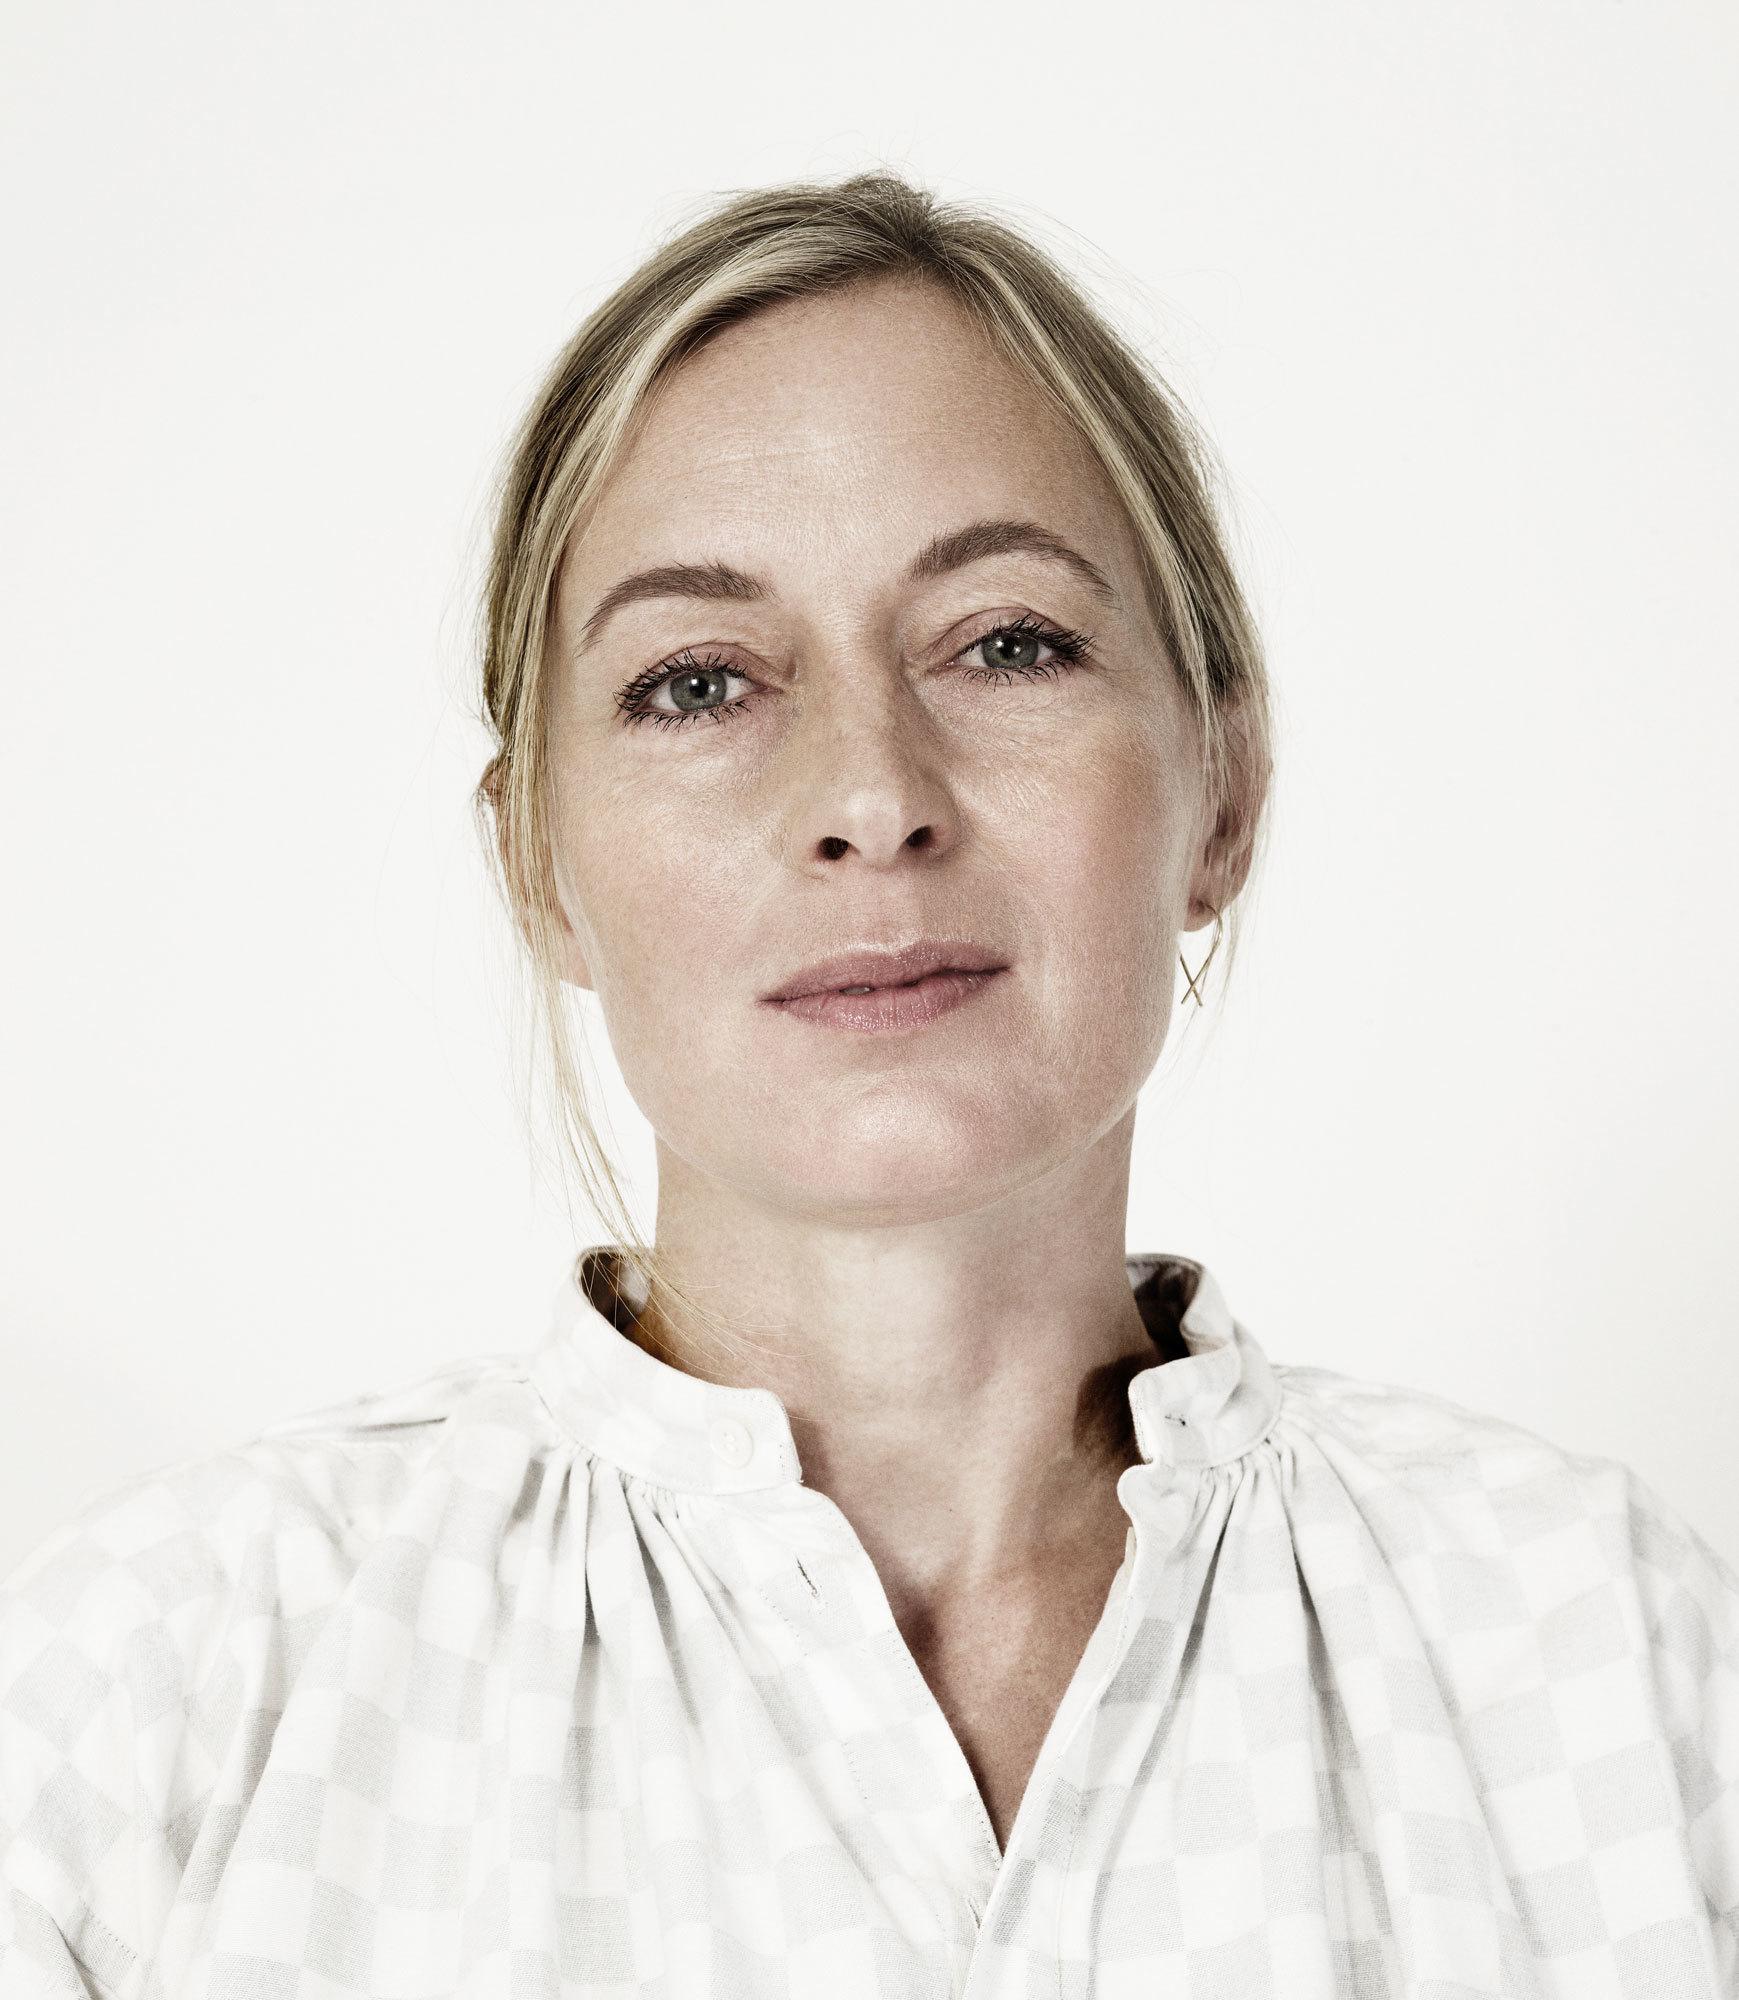 Cecilie Manz heute, Foto: Casper Sejersen